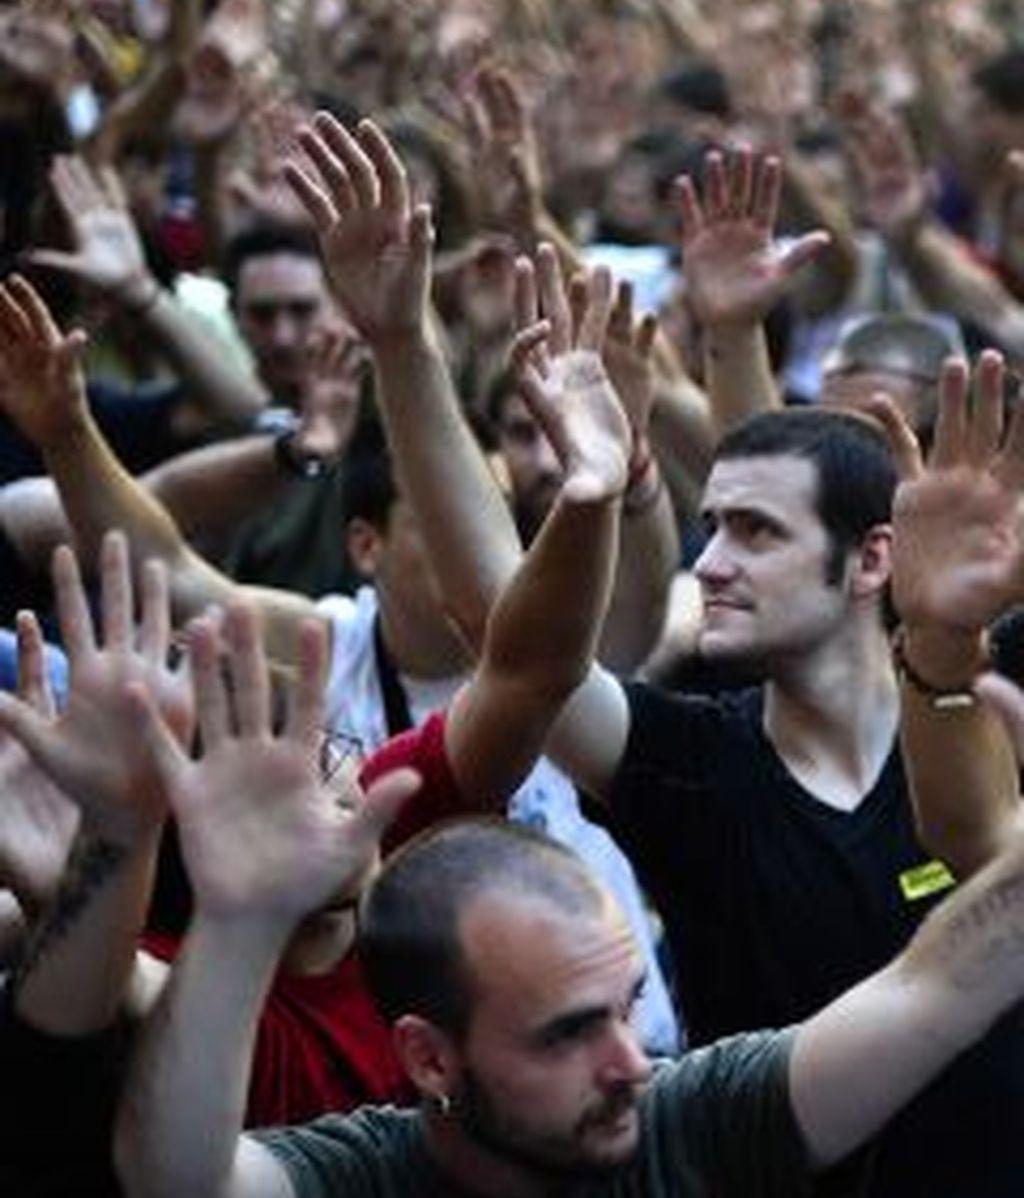 Los 'indignados' se volverán a manifestar en decenas de ciudades españolas este domingo. Foto: Gtres.